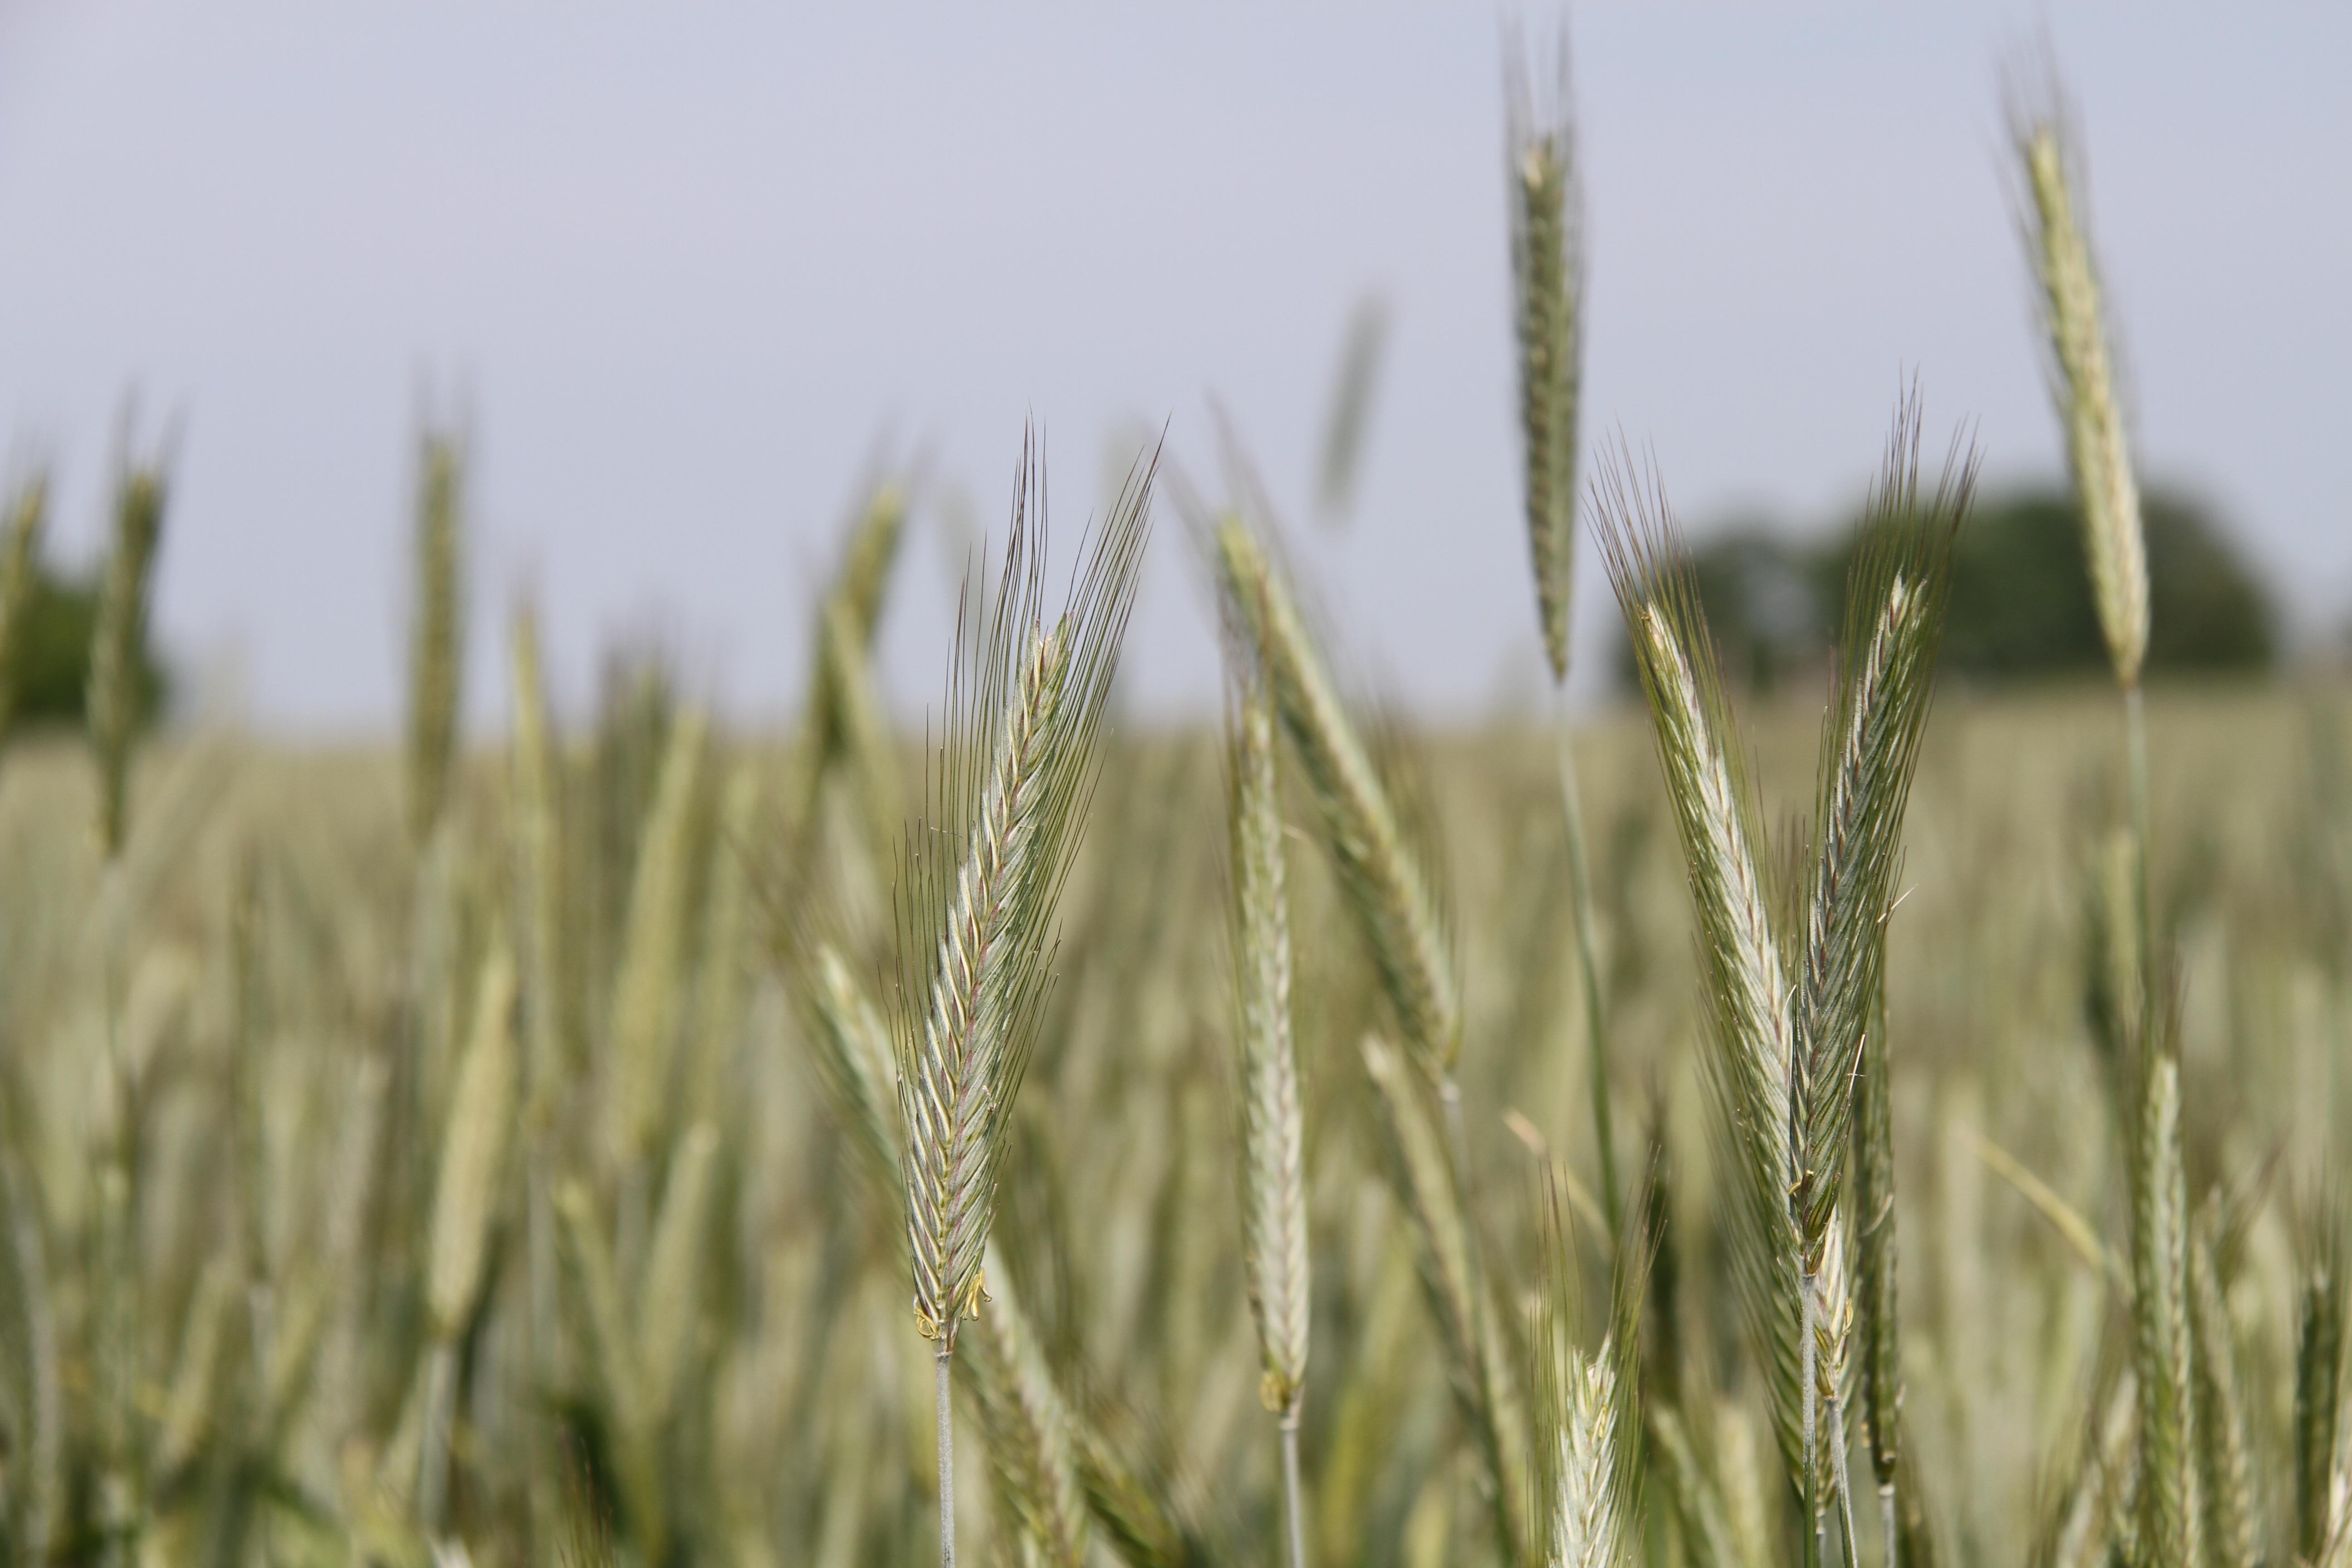 гуннов фото ячменя пшеницы ржи этом фото только